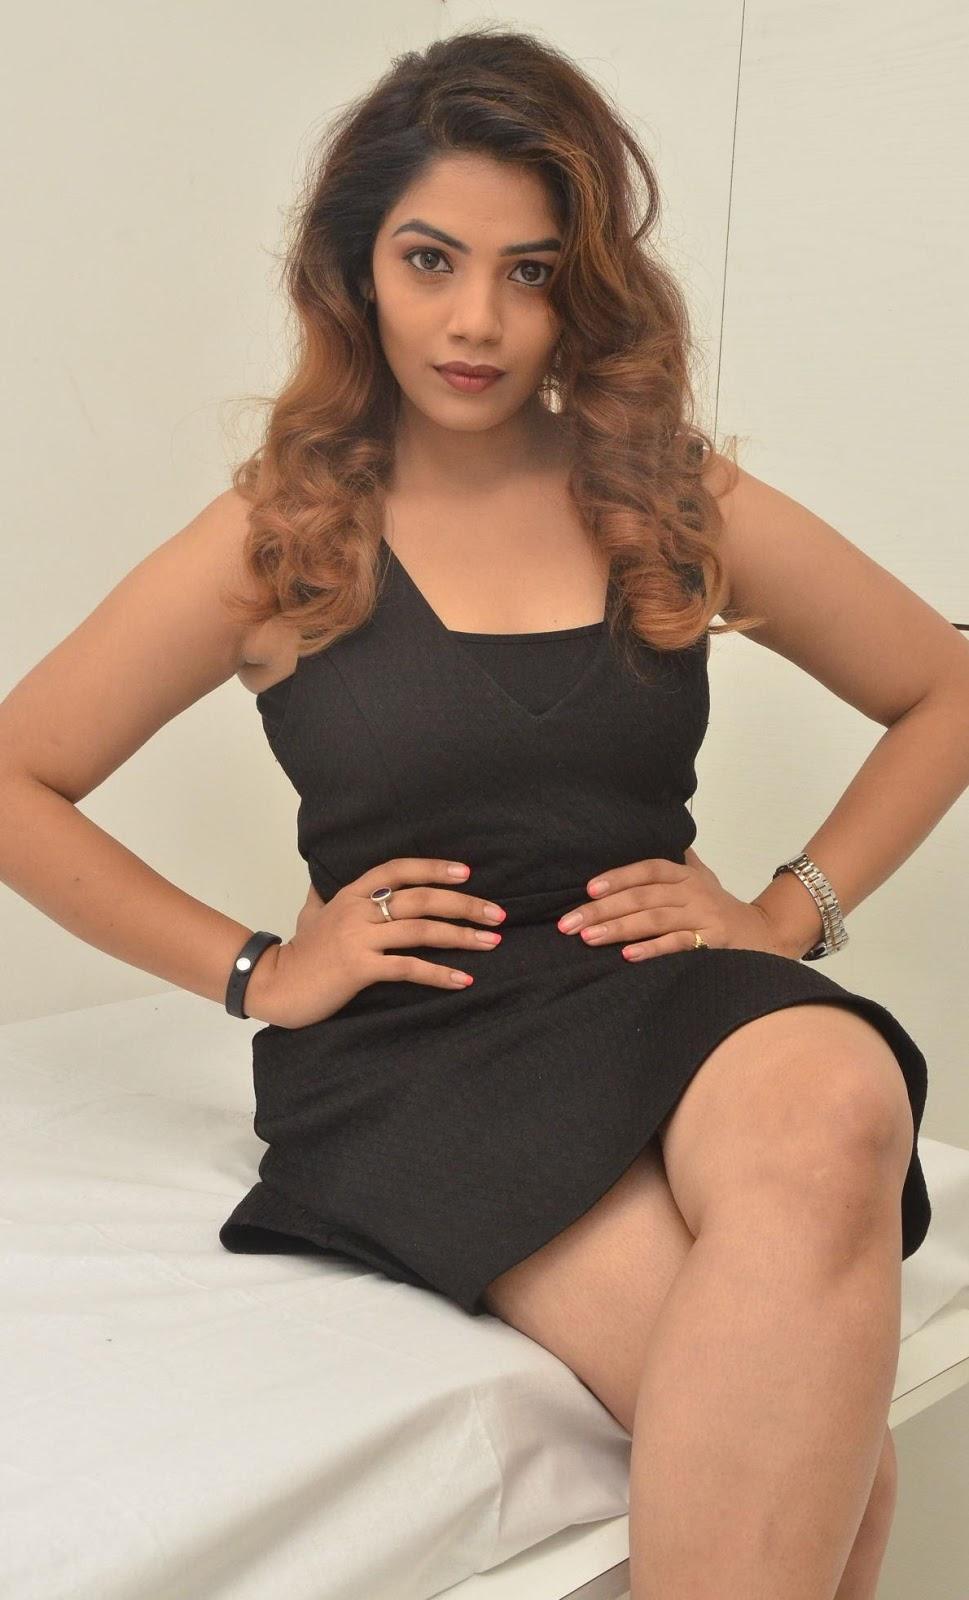 anamika hot model hair and beauty salon at l oreal